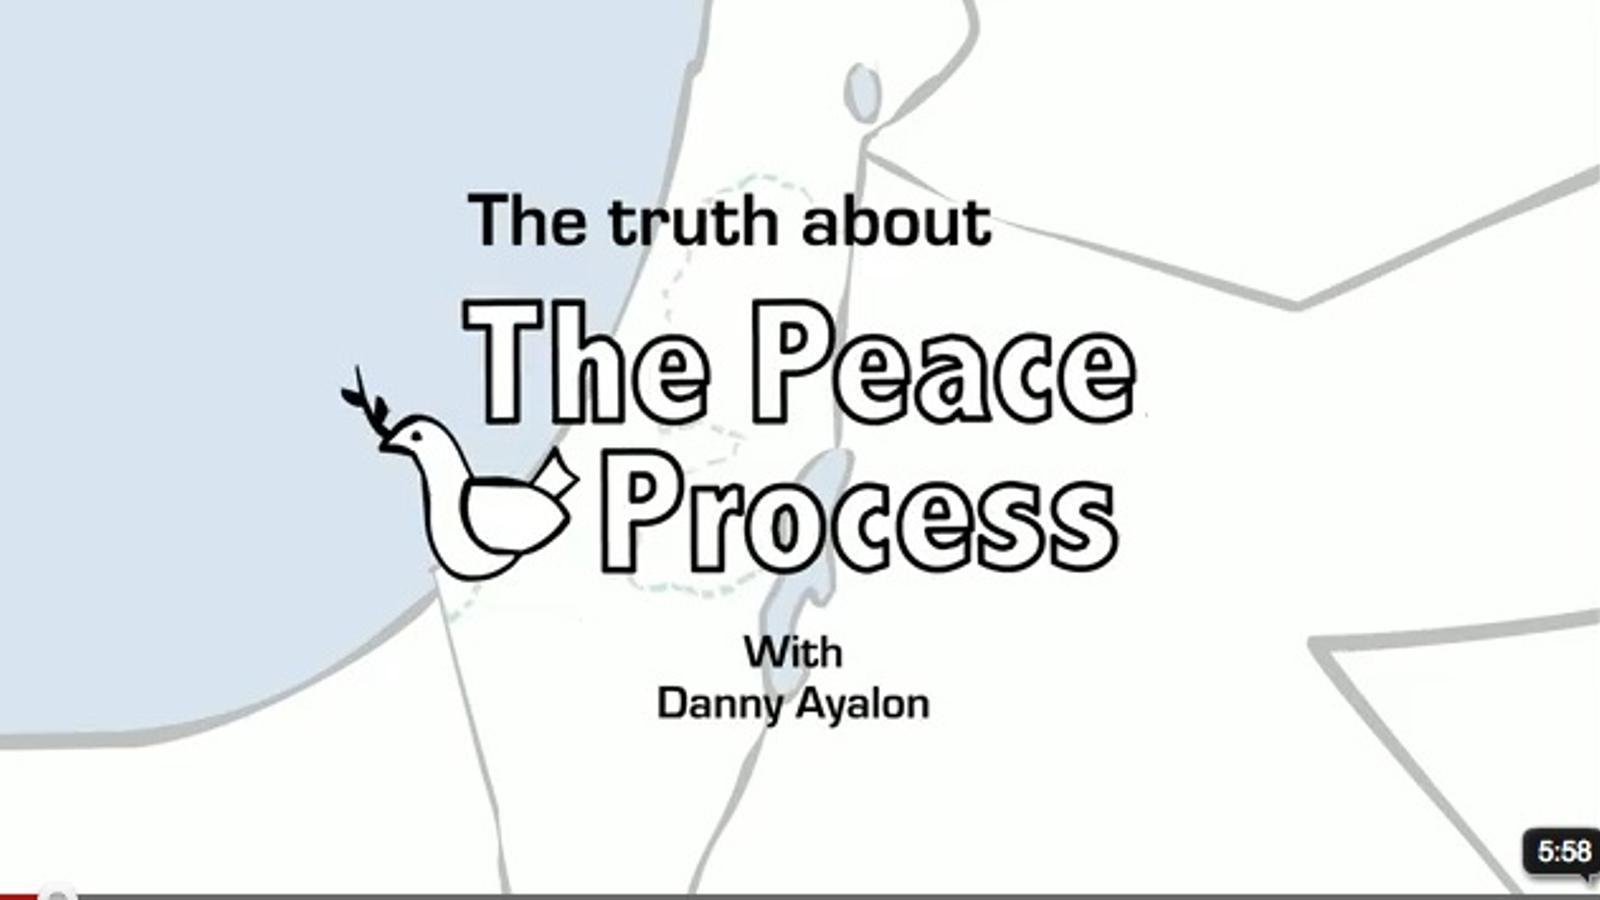 Israel llança un vídeo a YouTube per contrarestar la campanya palestina a la ONU